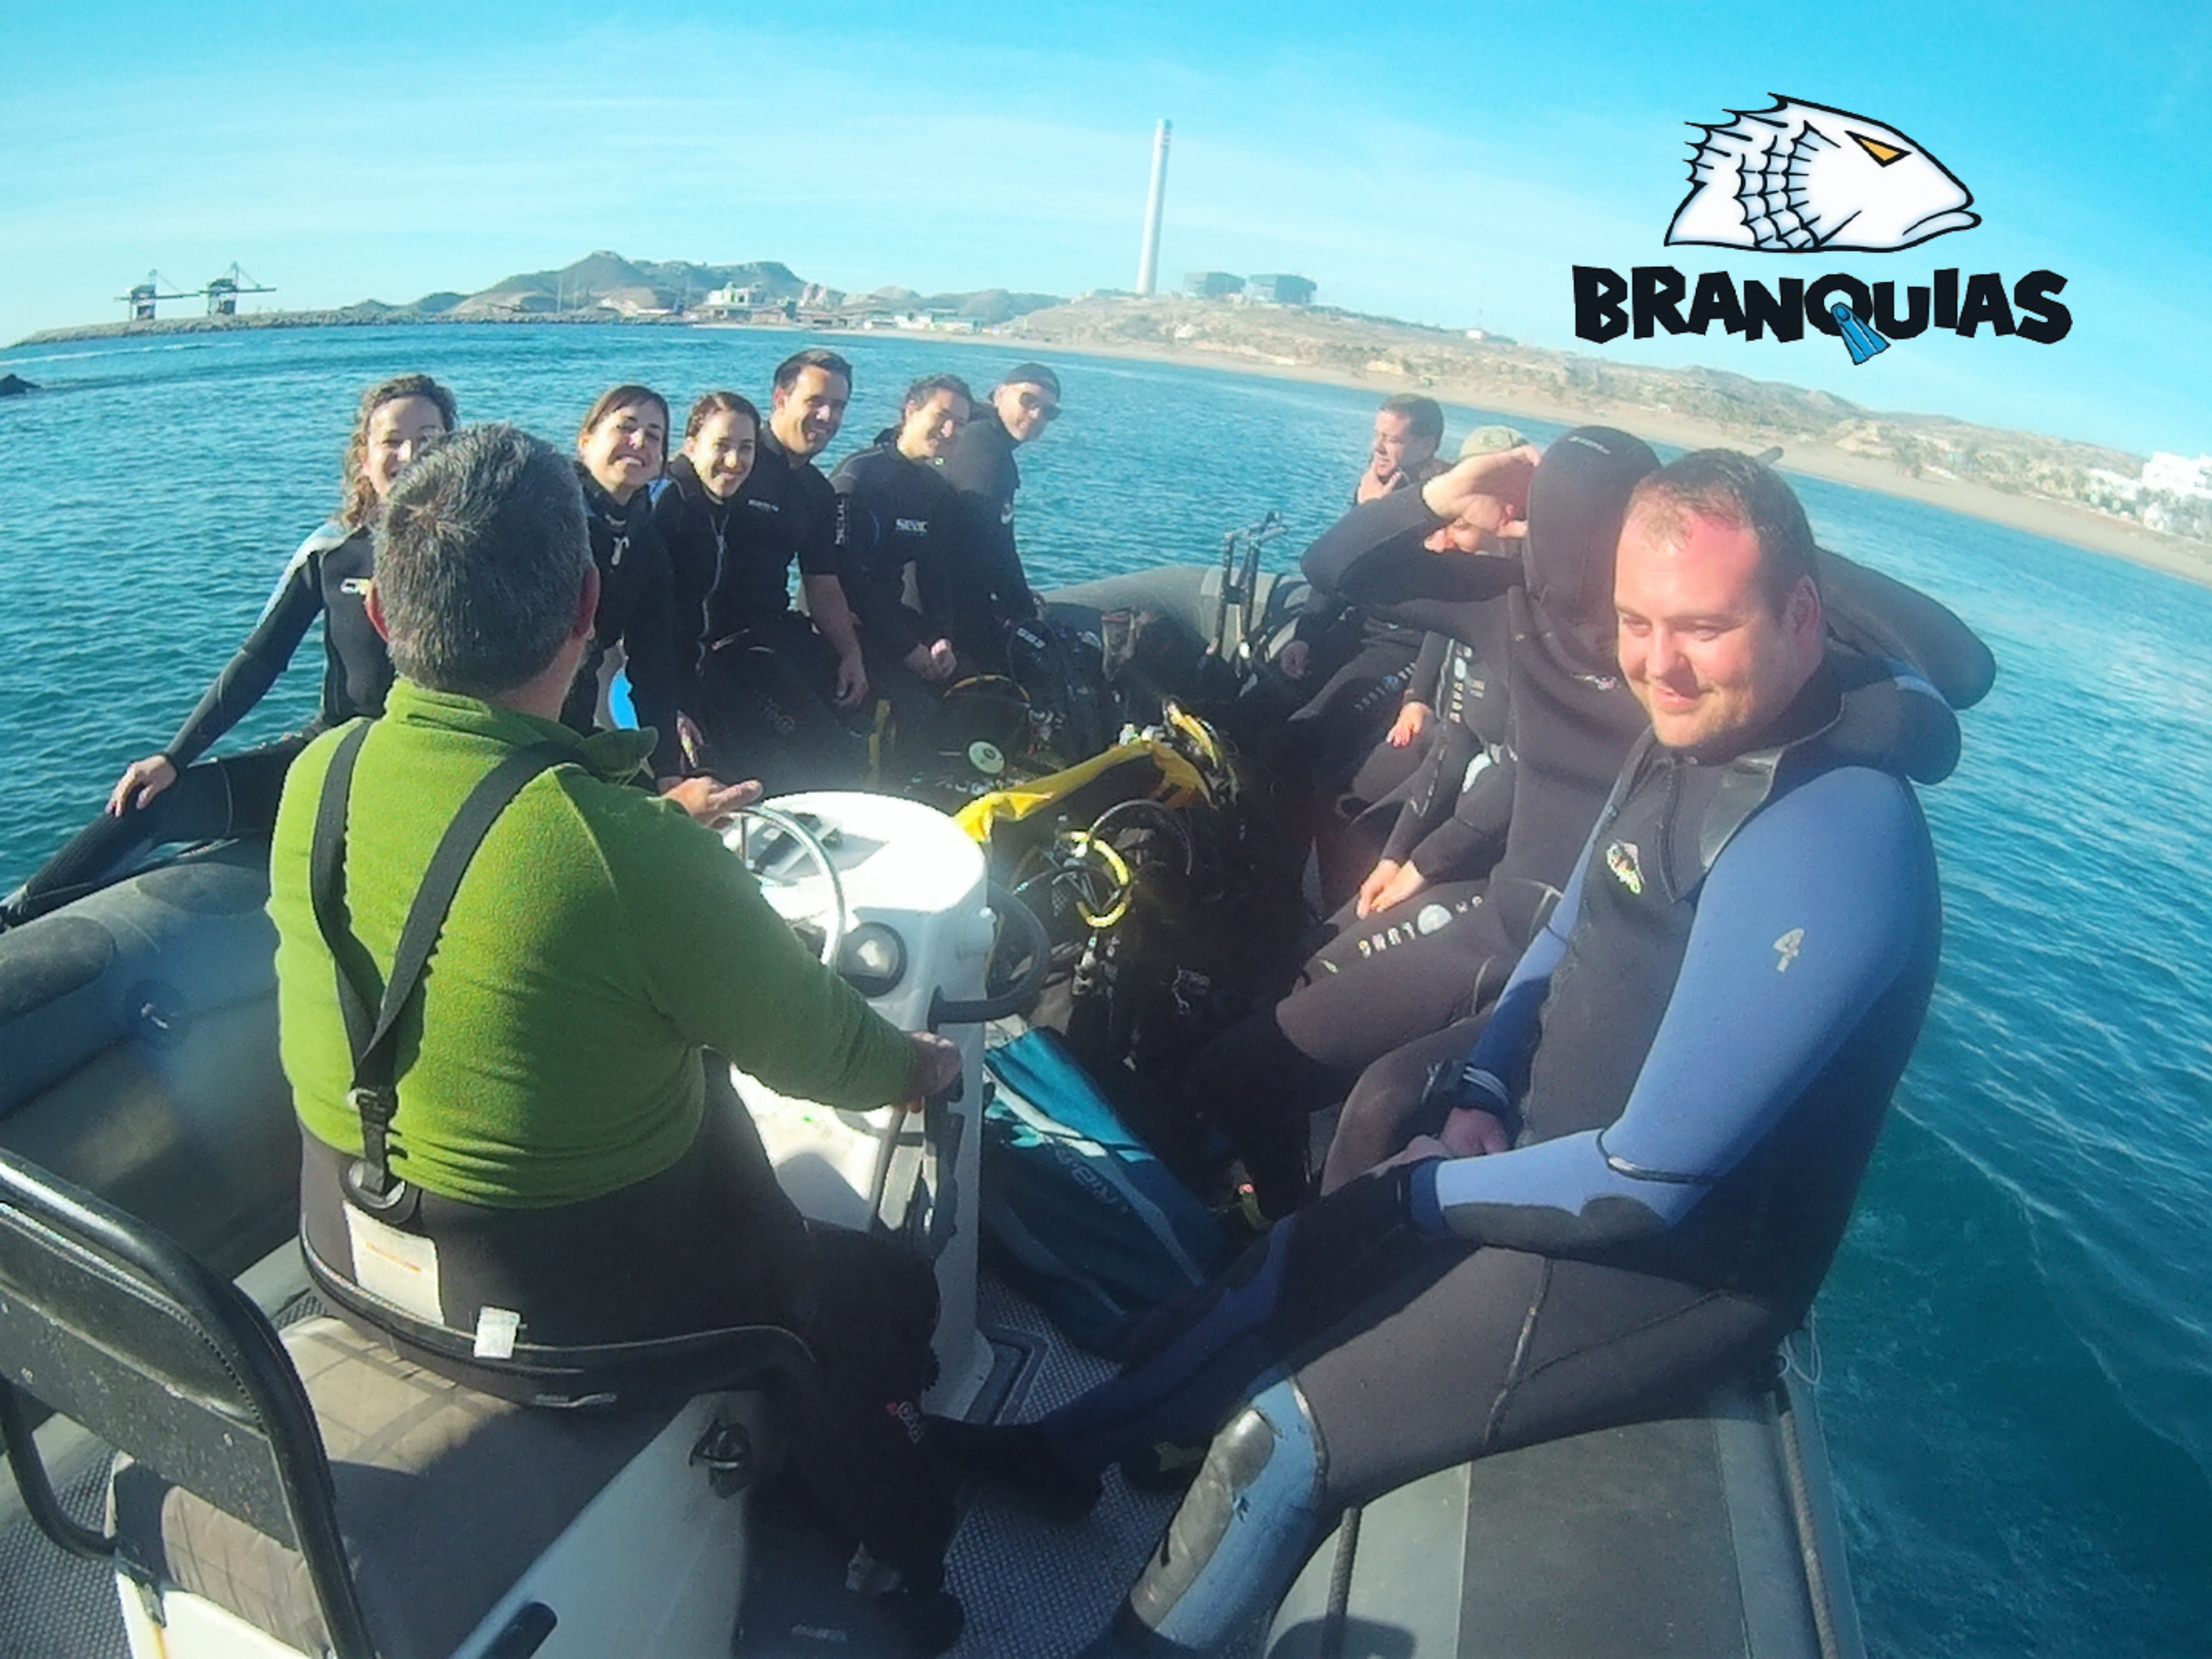 Buceo Branquias SemanaSanta